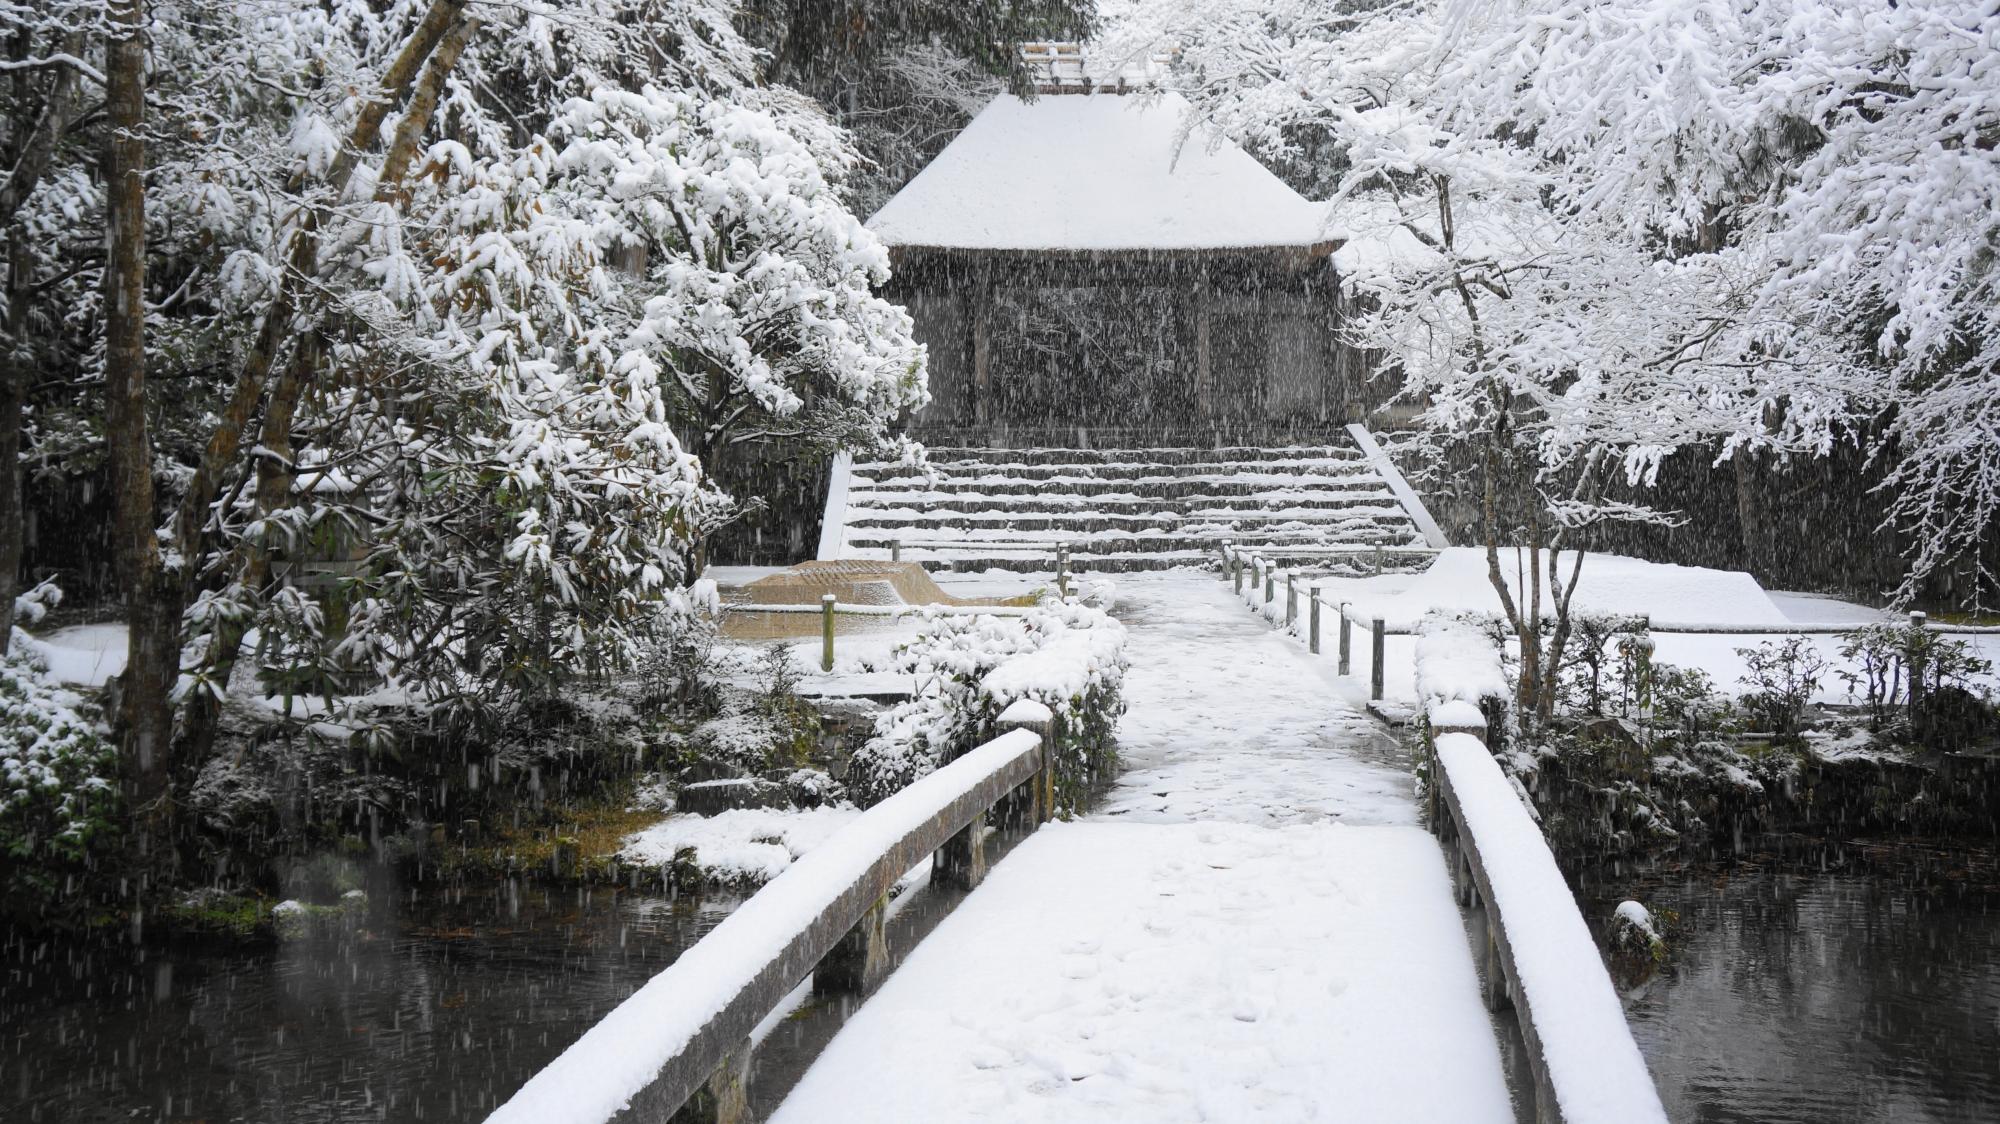 法然院の白銀につつまれた境内と雪の山門